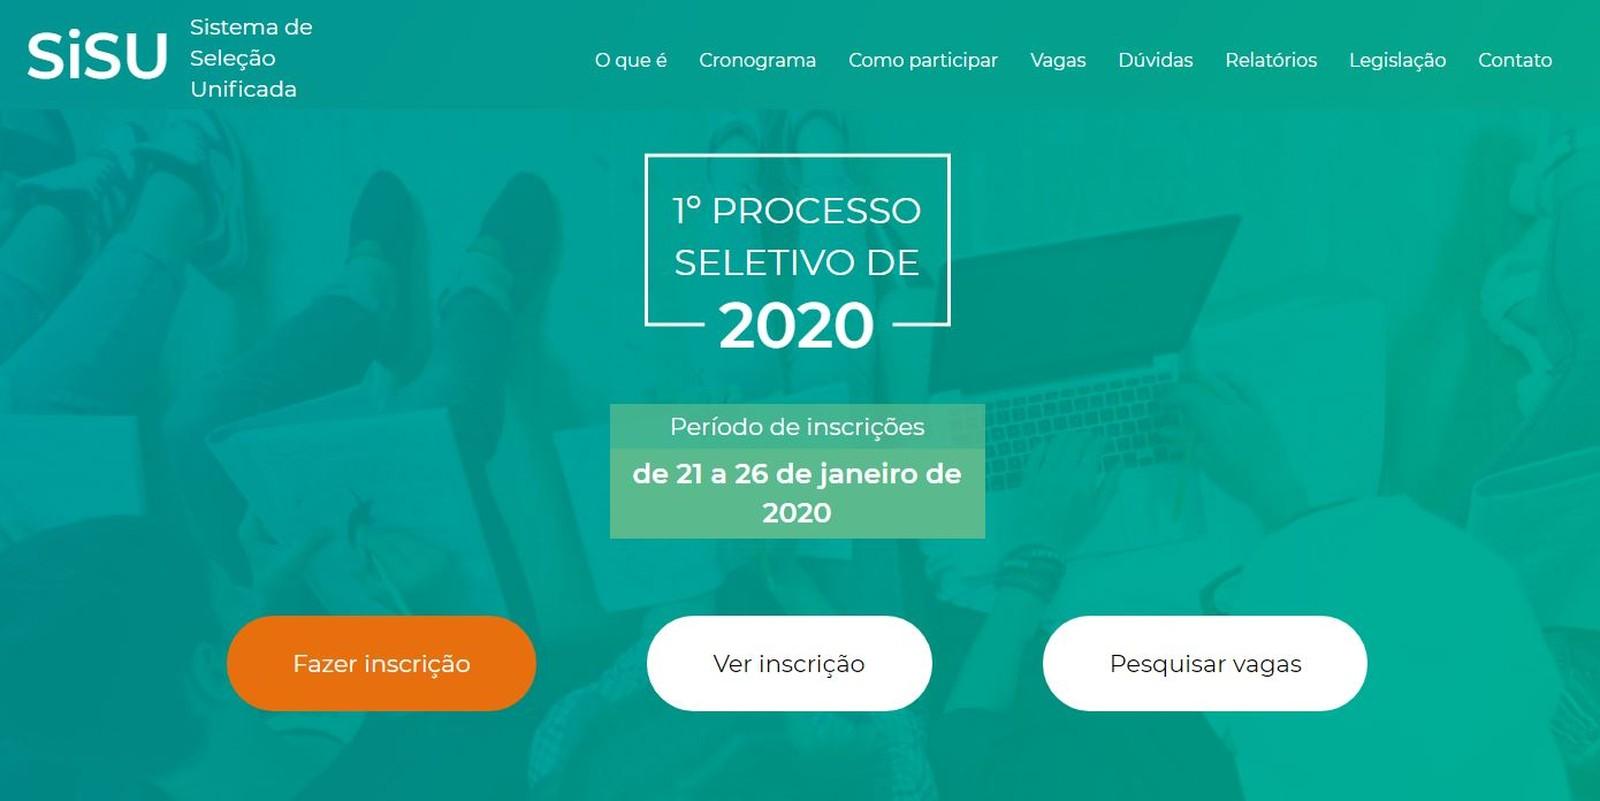 Inscrições do Sisu 2020 são abertas, e estudantes relatam site lento - Imagem 1